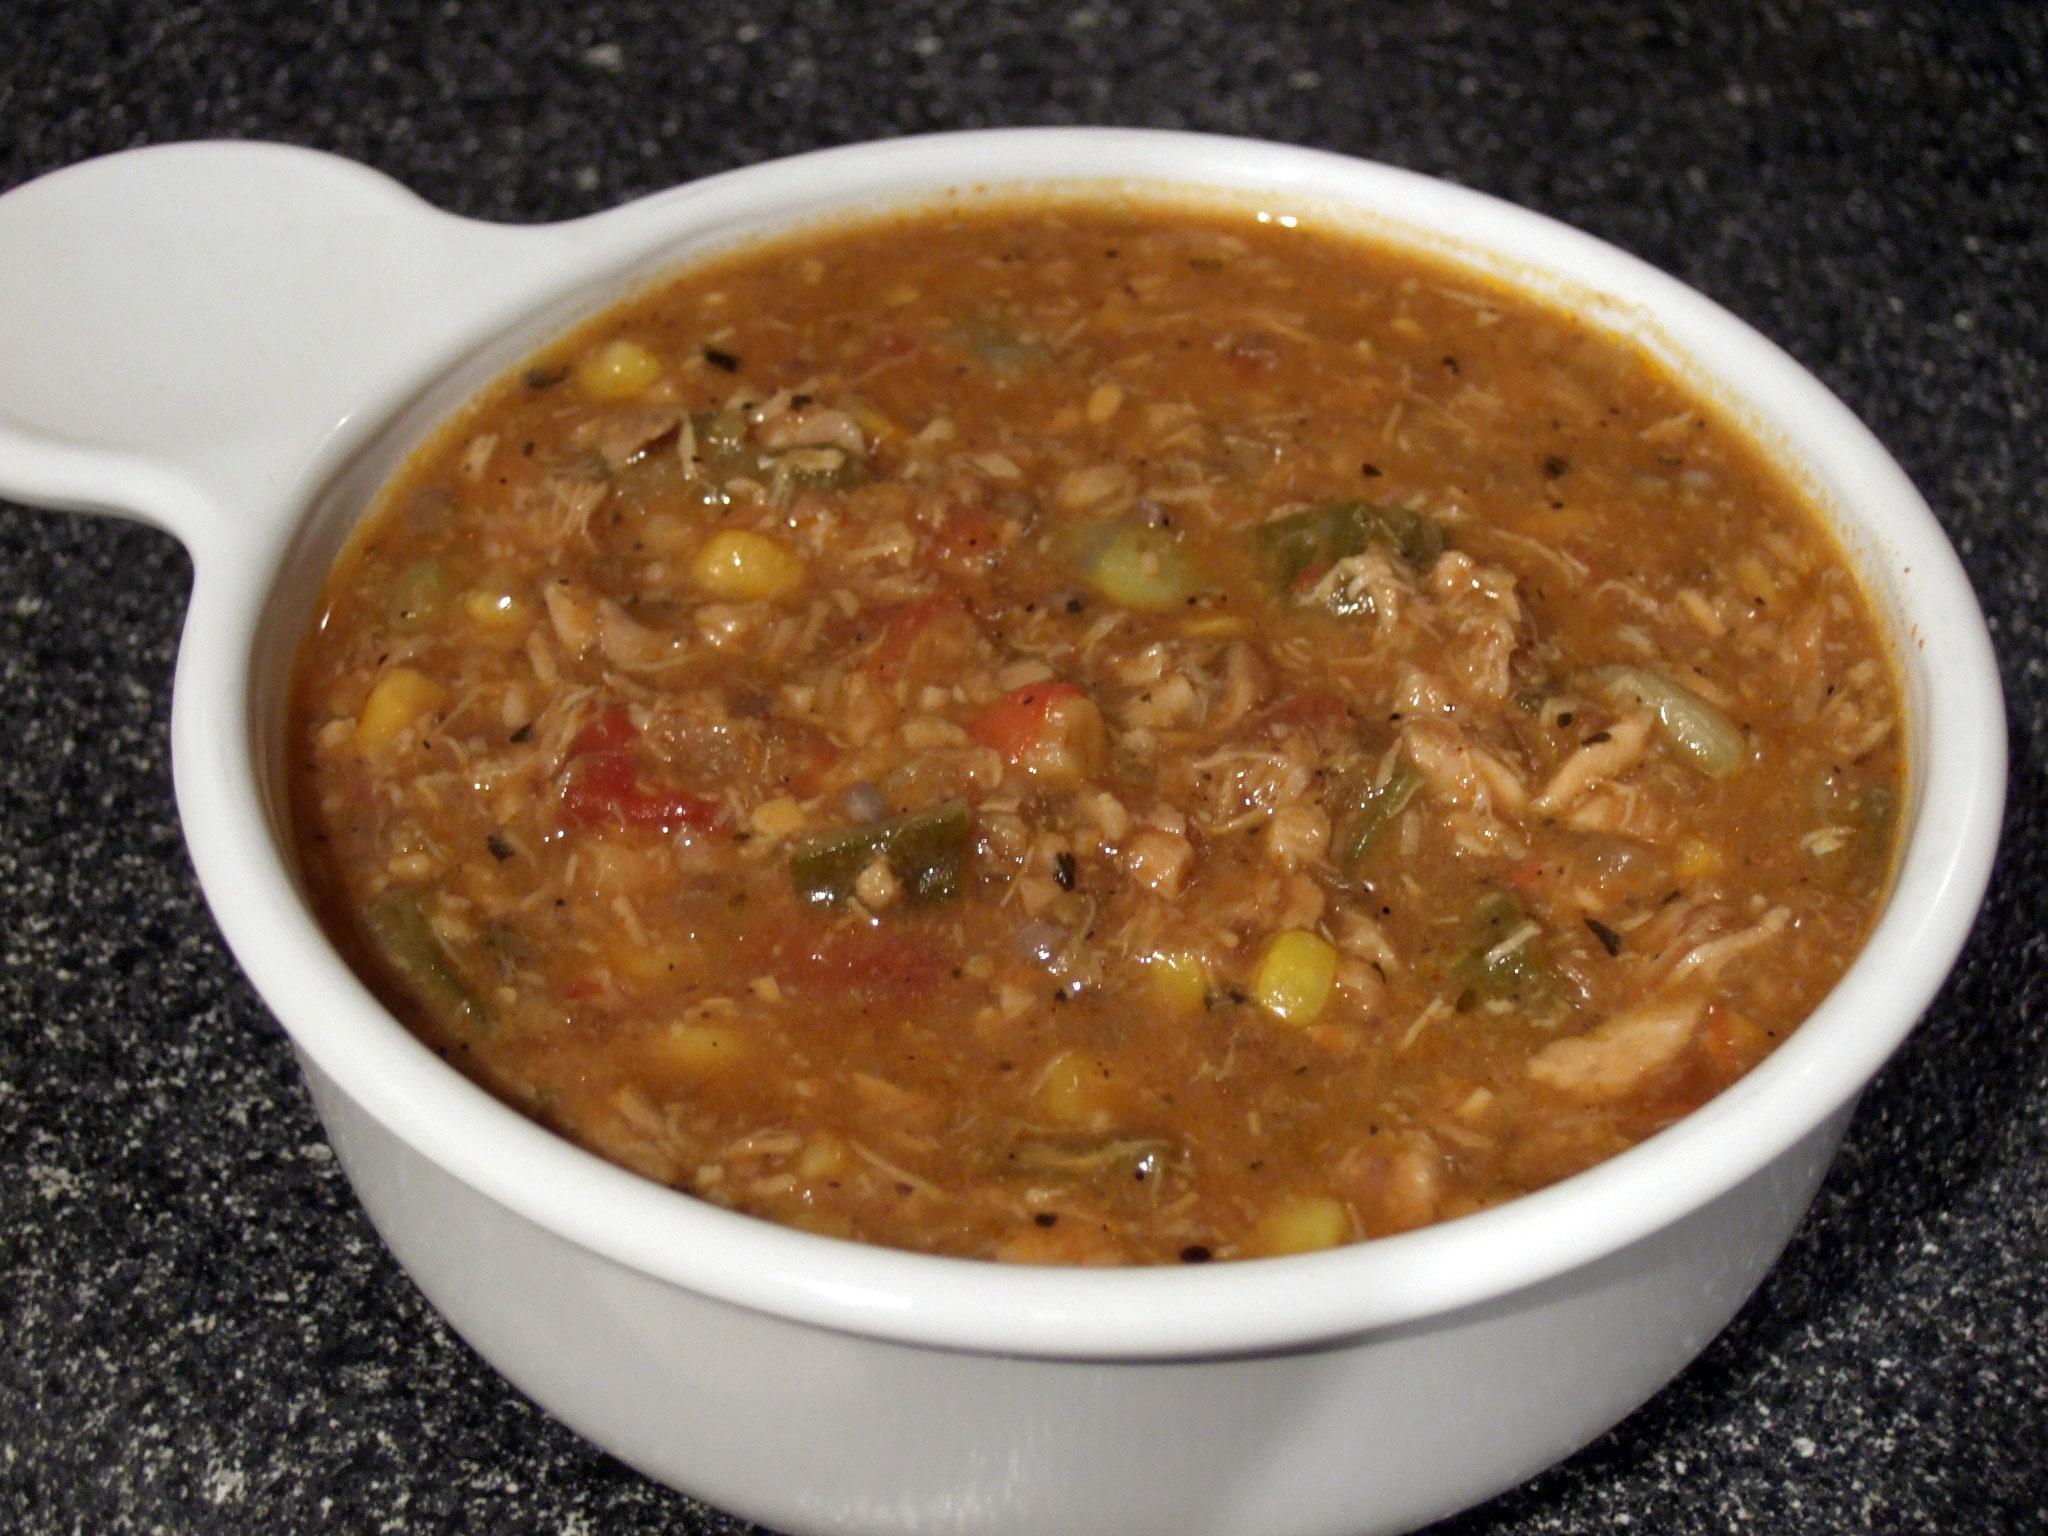 File:Brunswick stew.jpg - Wikimedia Commons